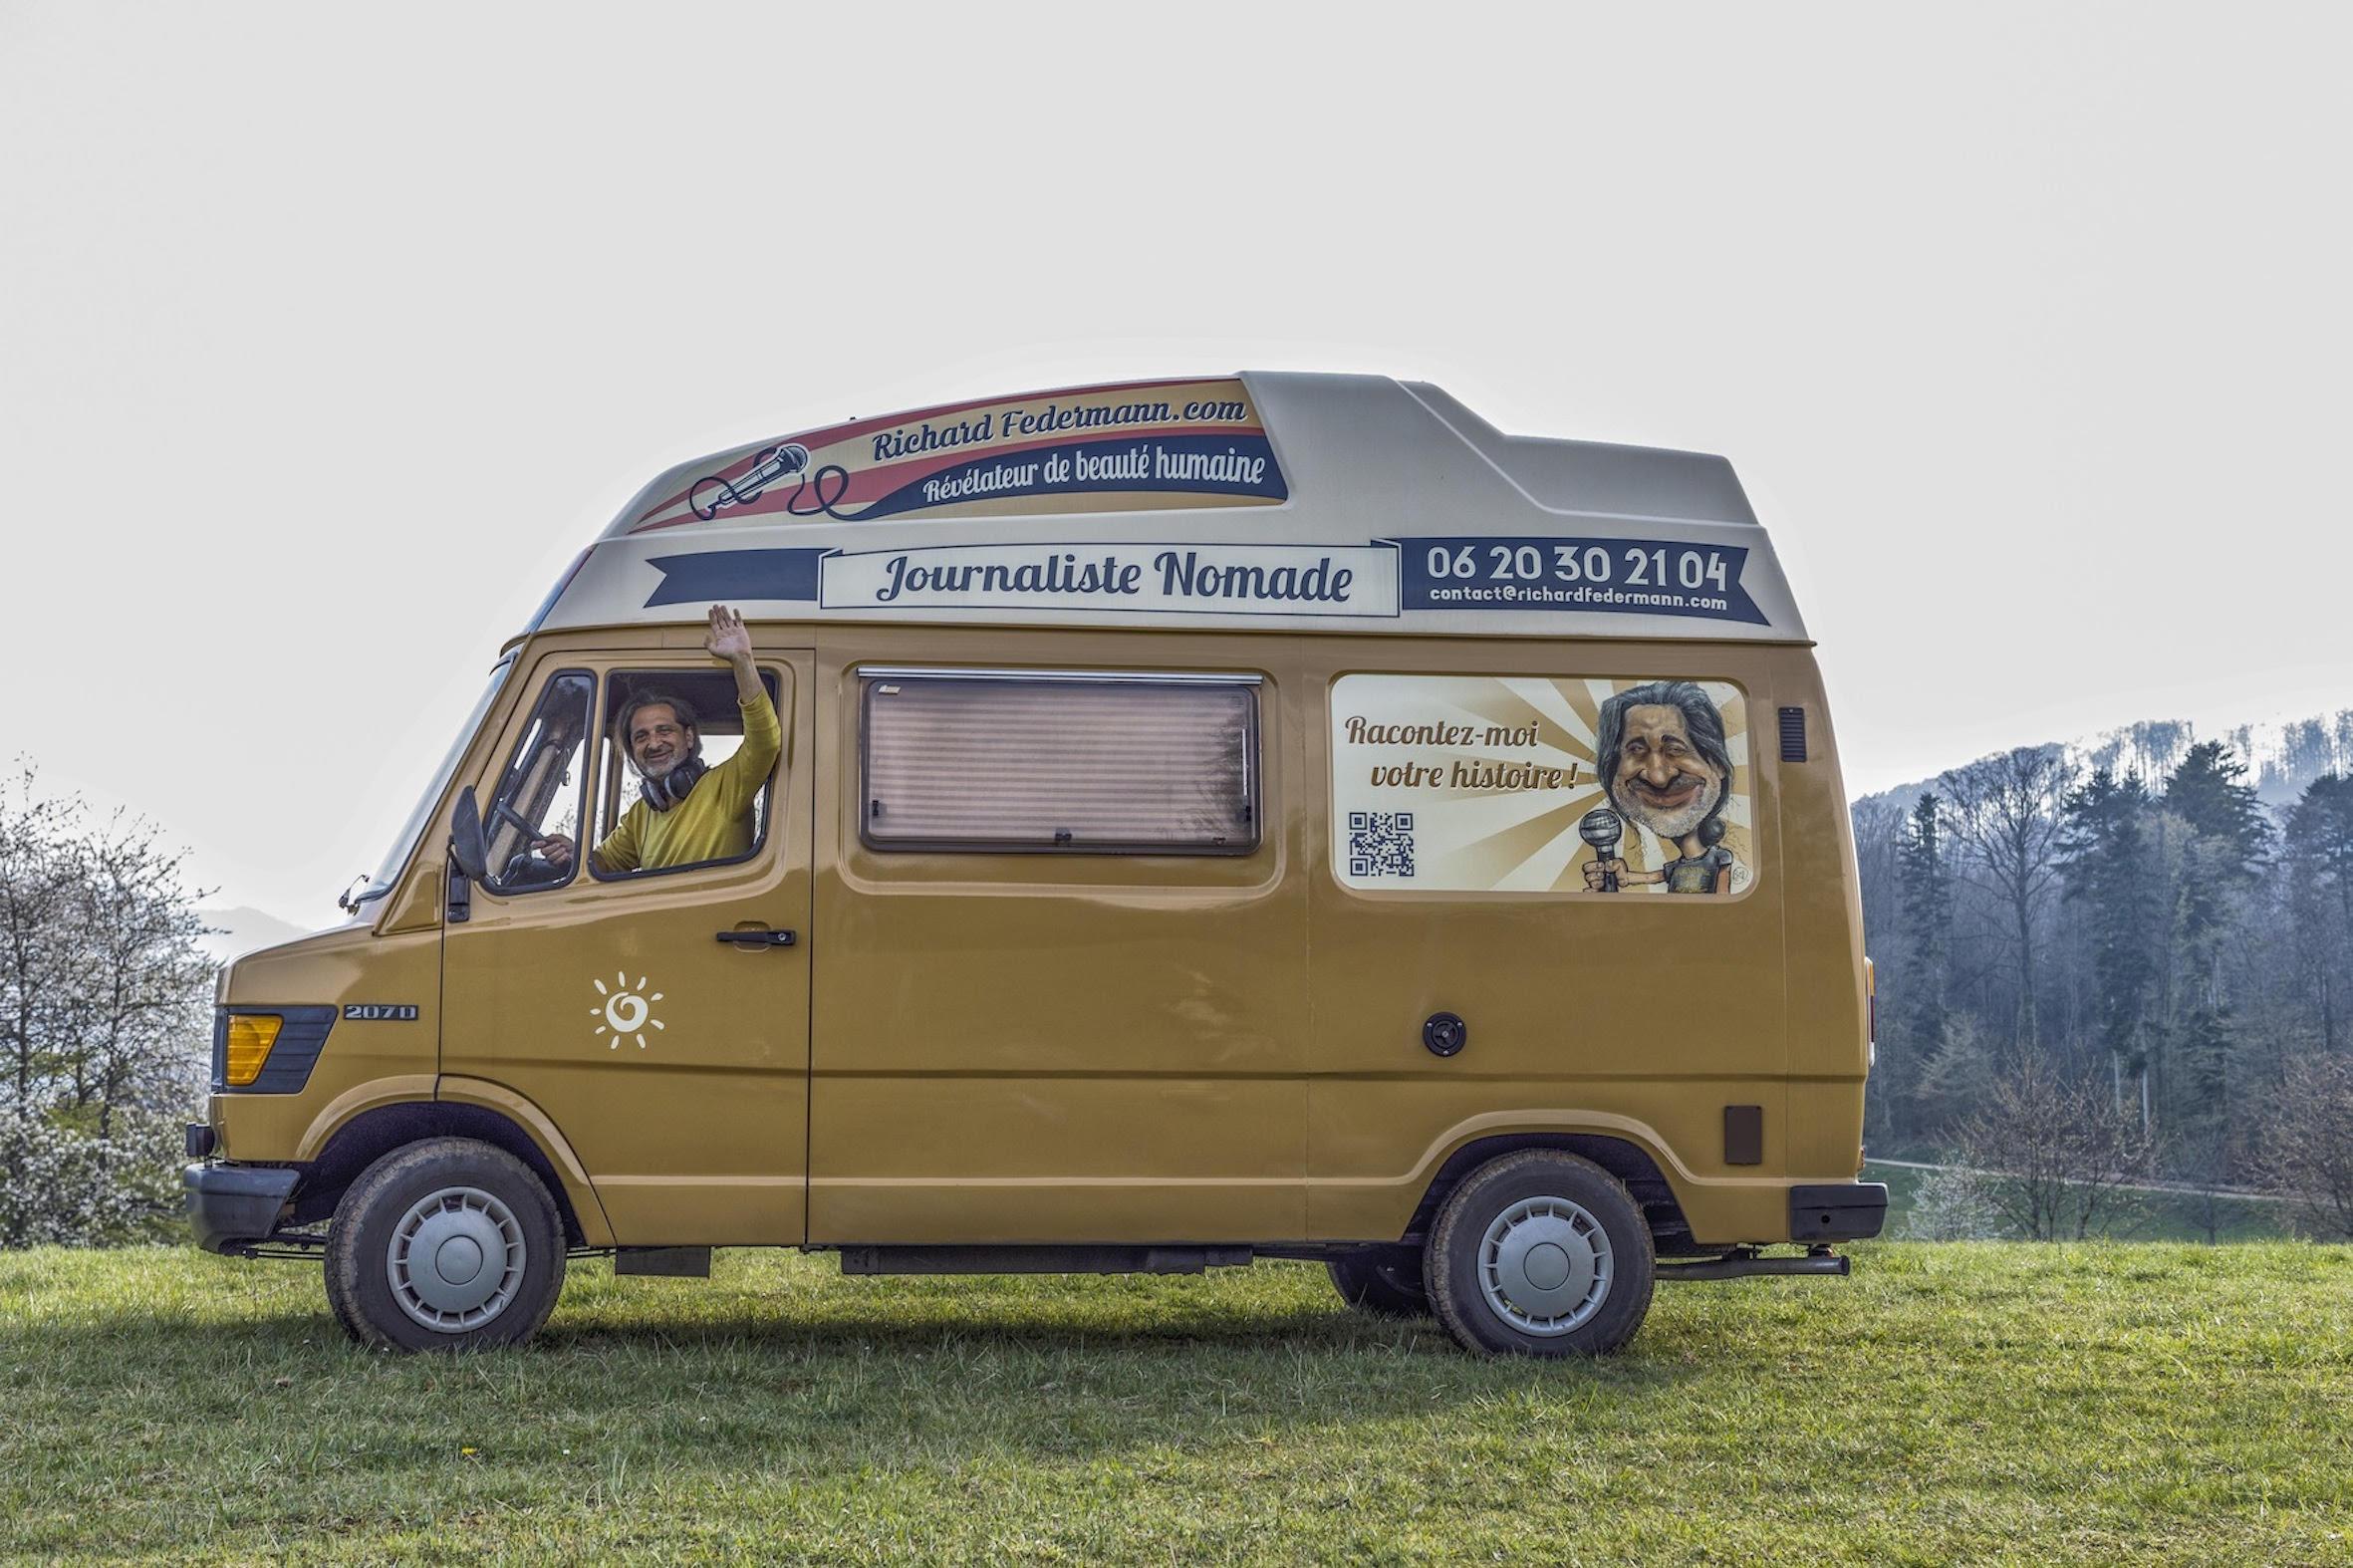 À bord de son camion radio, Richard Federmann sillonne la France. © D.R.